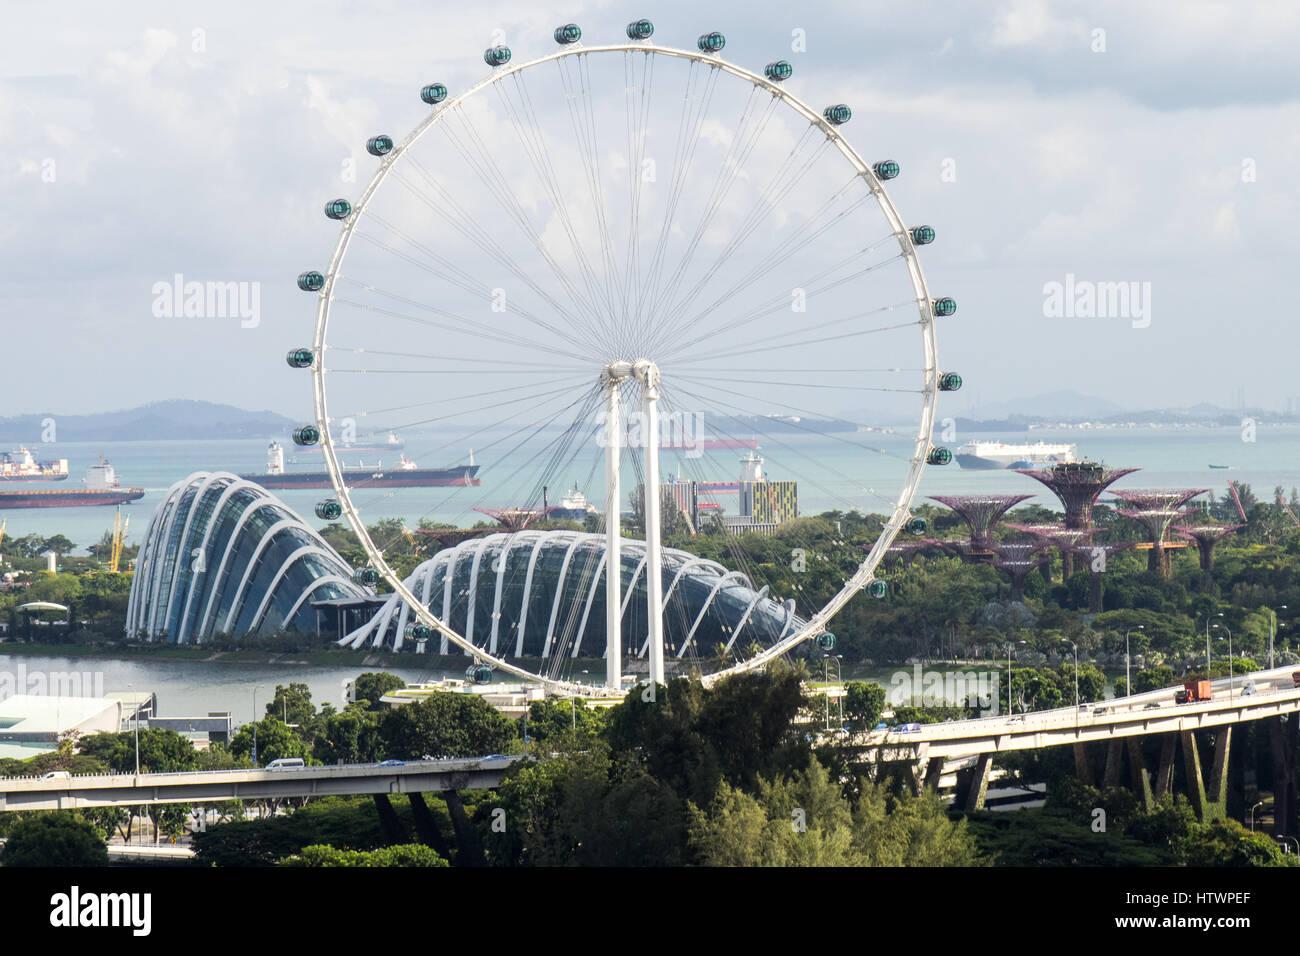 El Singapore Flyer Una Noria Gigante Junto A Los Jardines De La